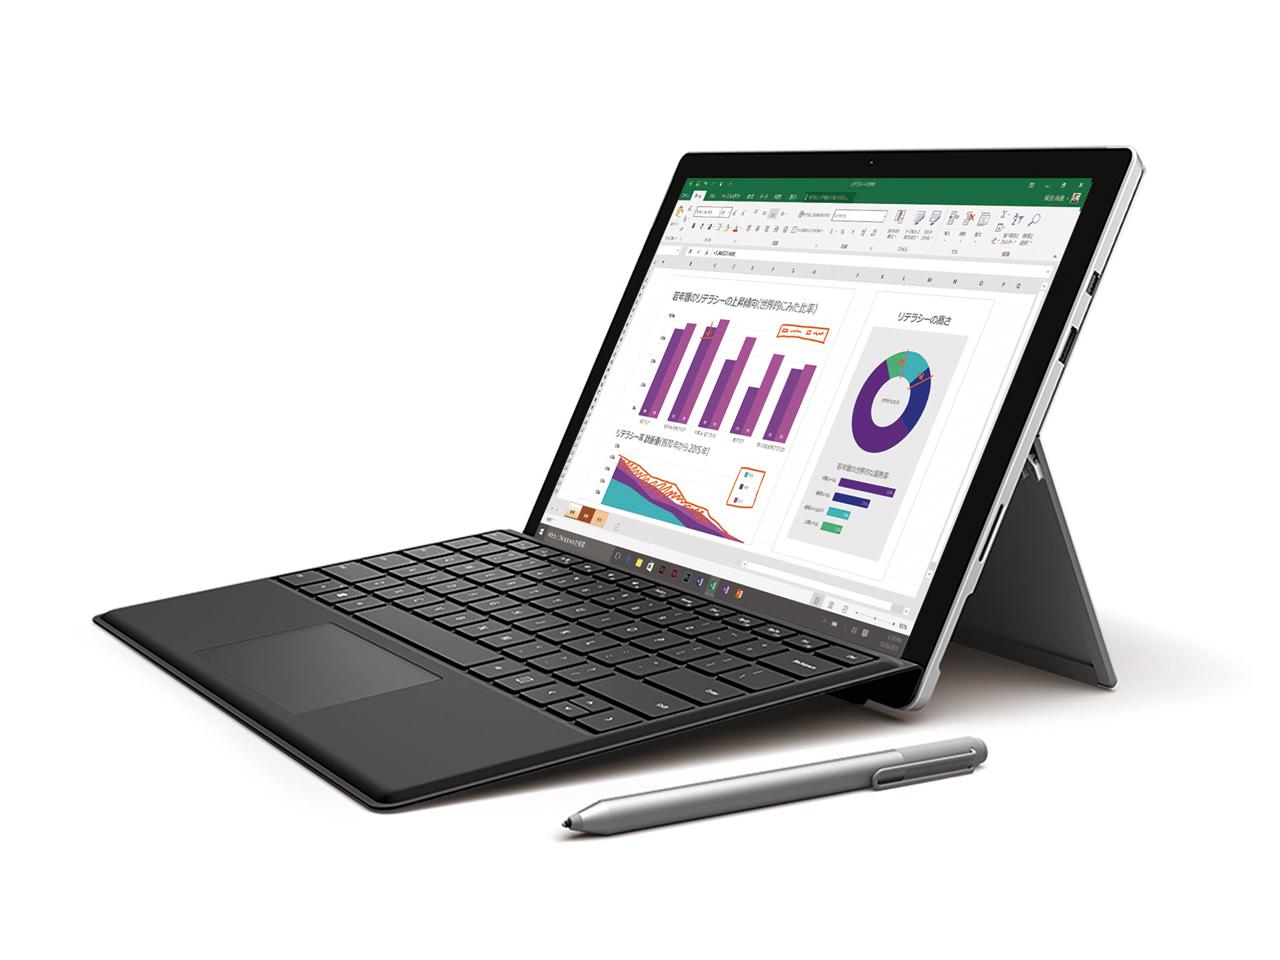 『本体 斜め』 Surface Pro 4 CR5-00014 の製品画像